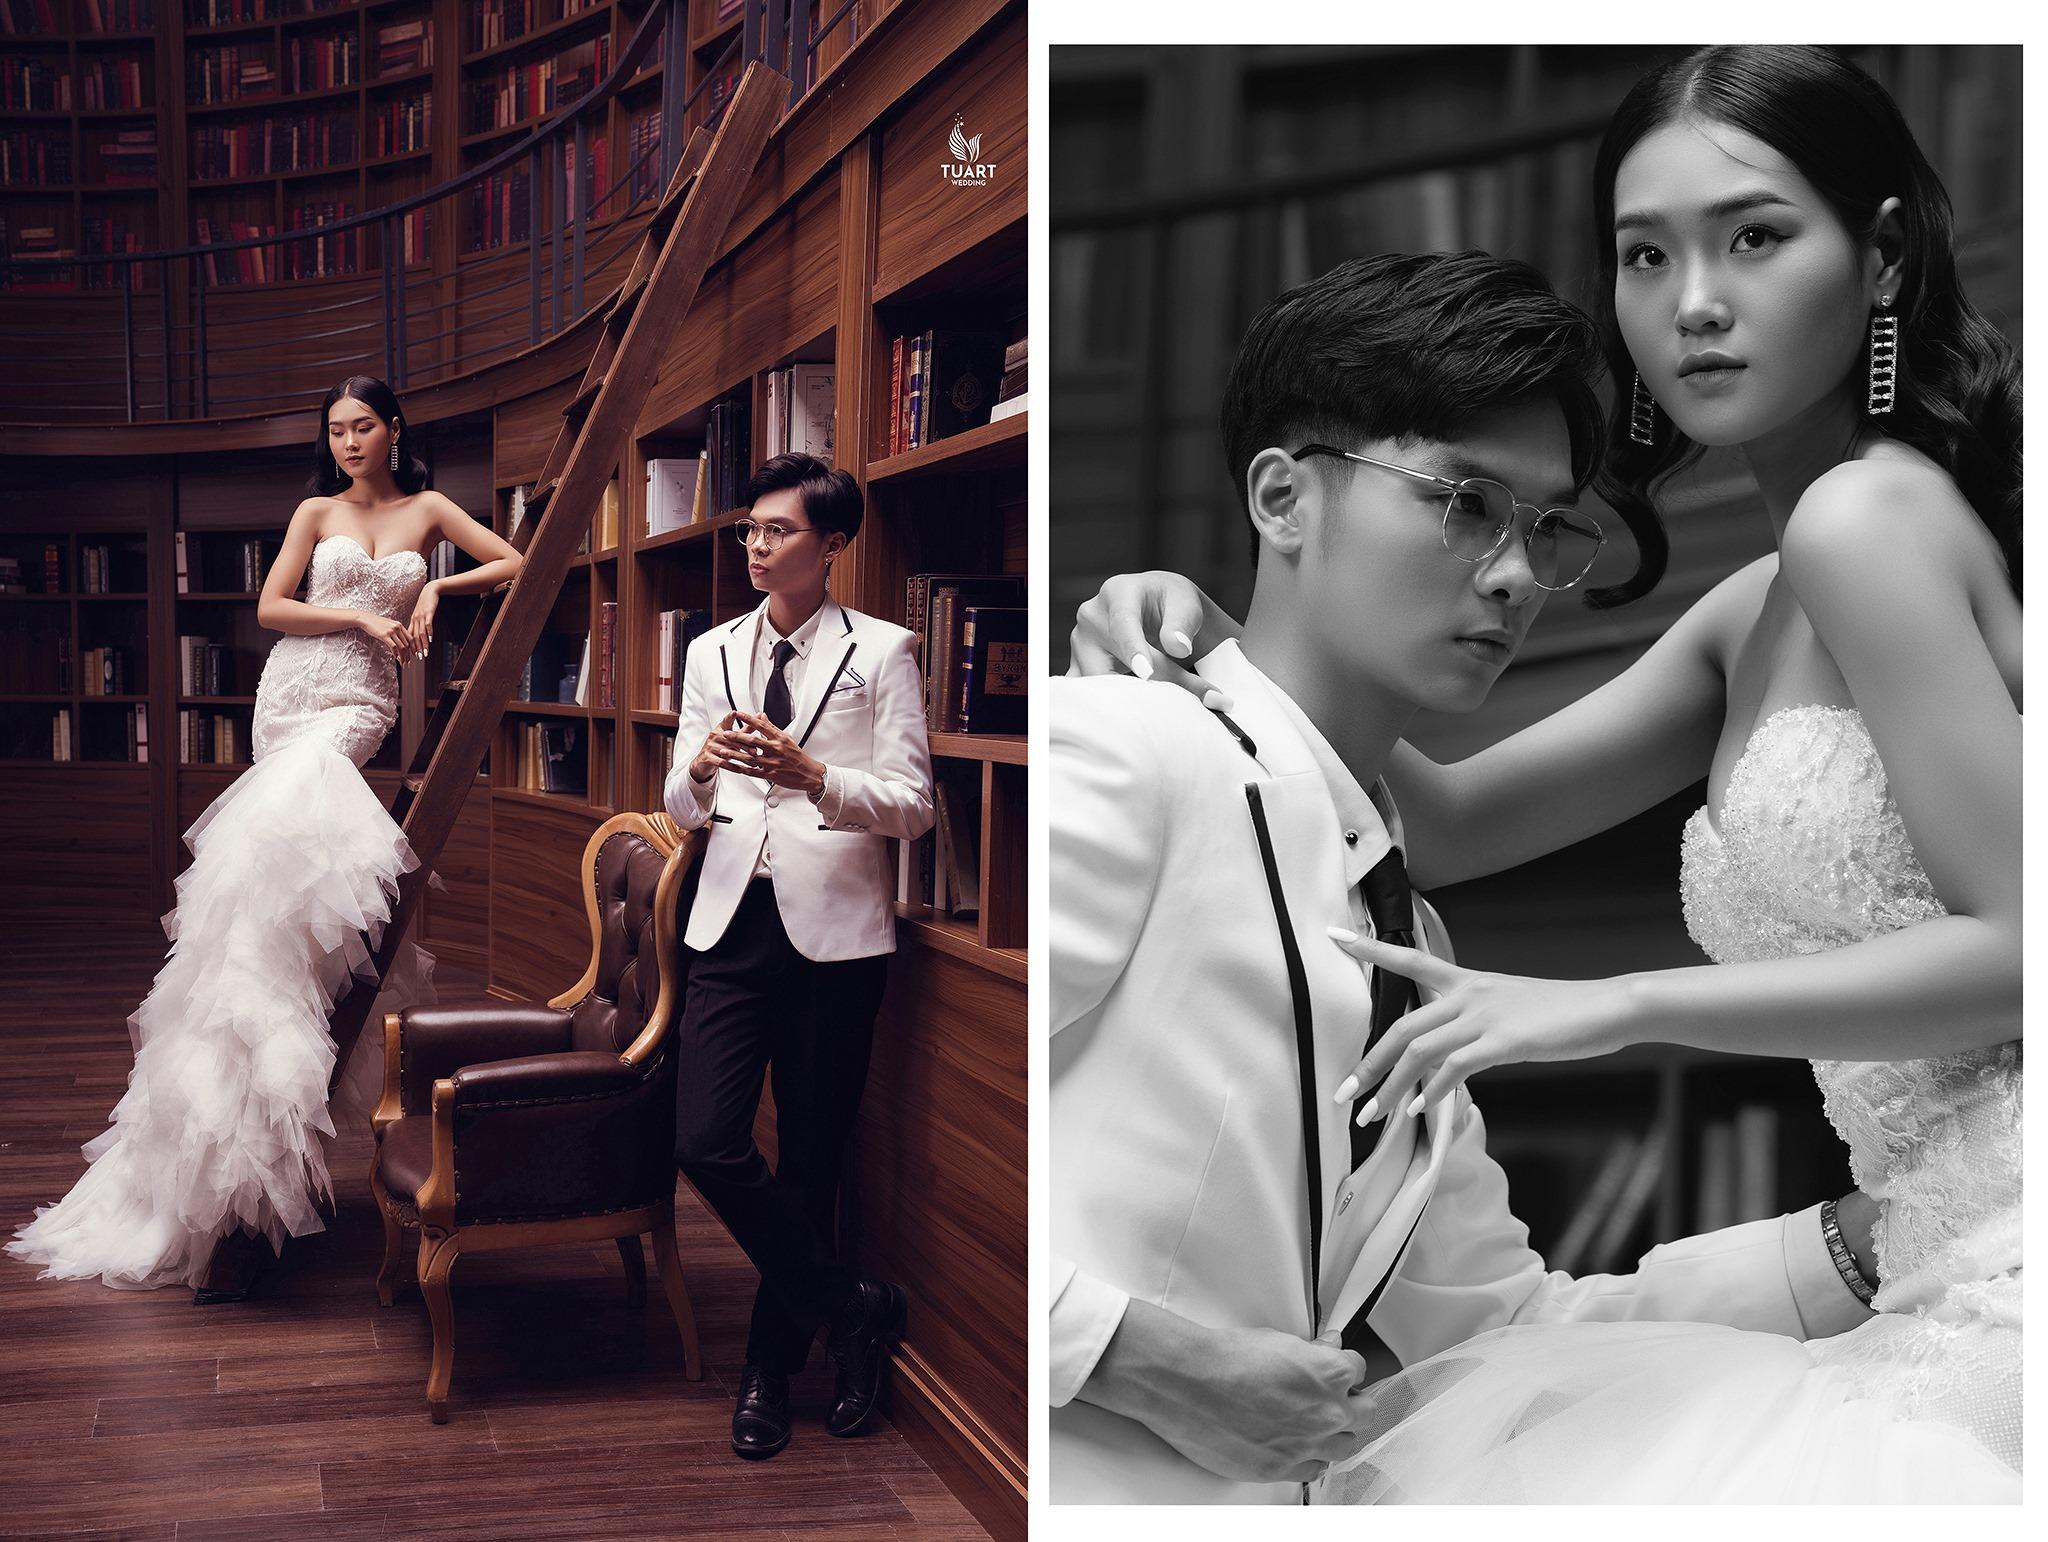 Album chụp ảnh cưới đẹp tại Hà Nội: 5 Graden Studio 7